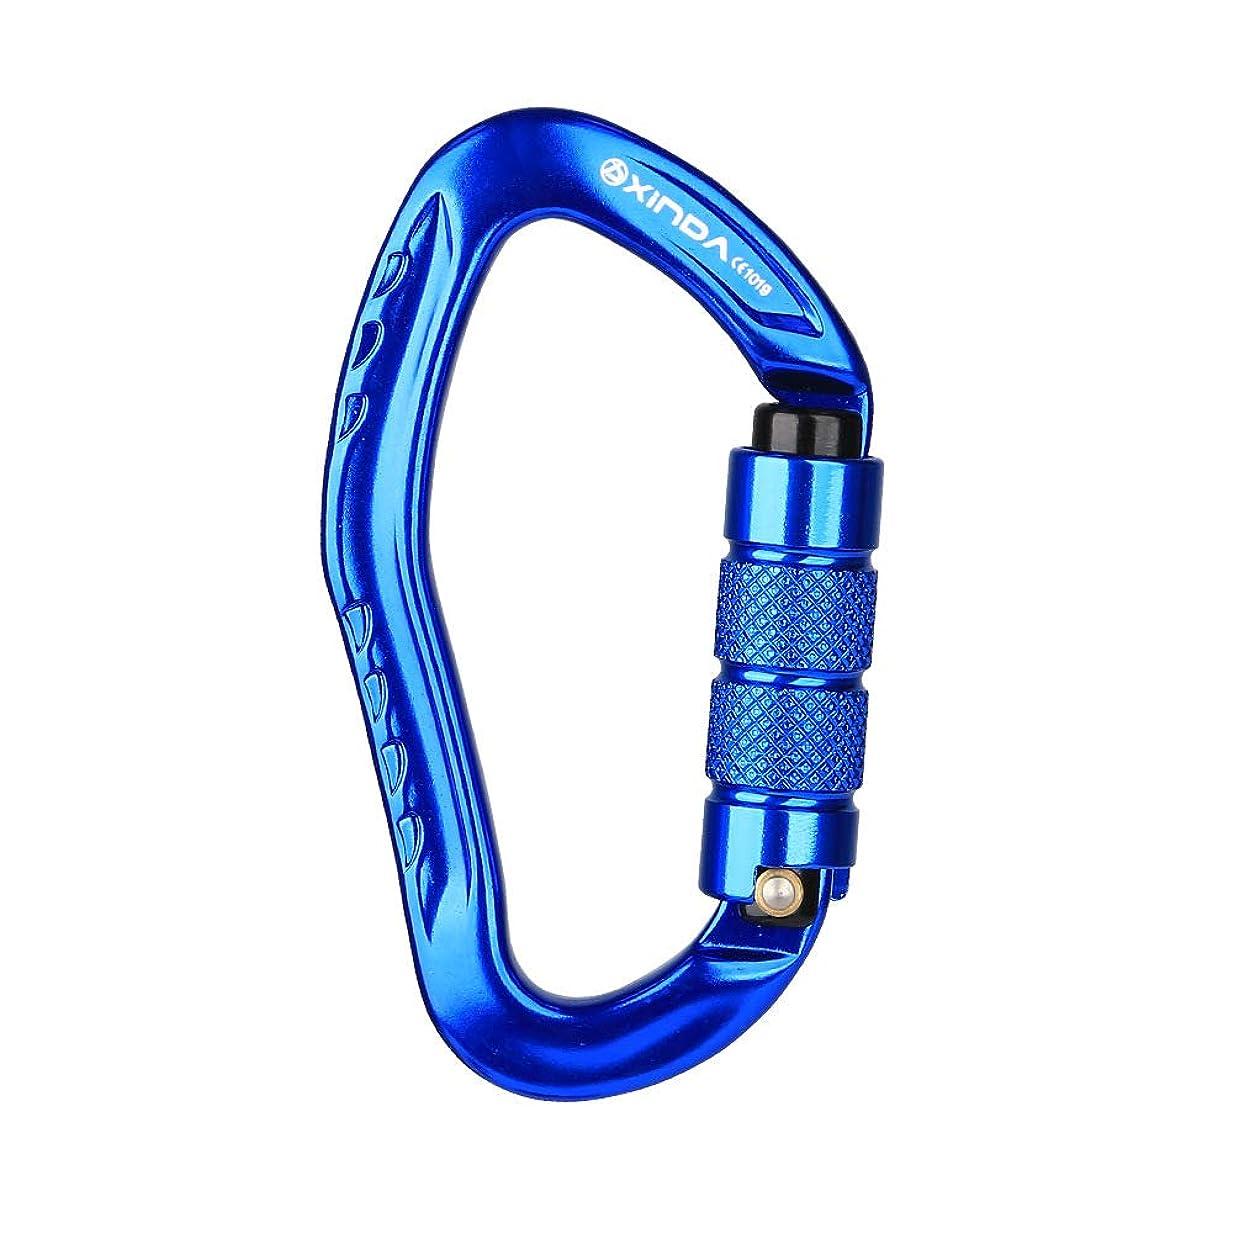 まつげ逆嬉しいです耳型自動ロッククライミングロック、アウトドアクライミング機器安全バックル落下保護装置登山フックロック